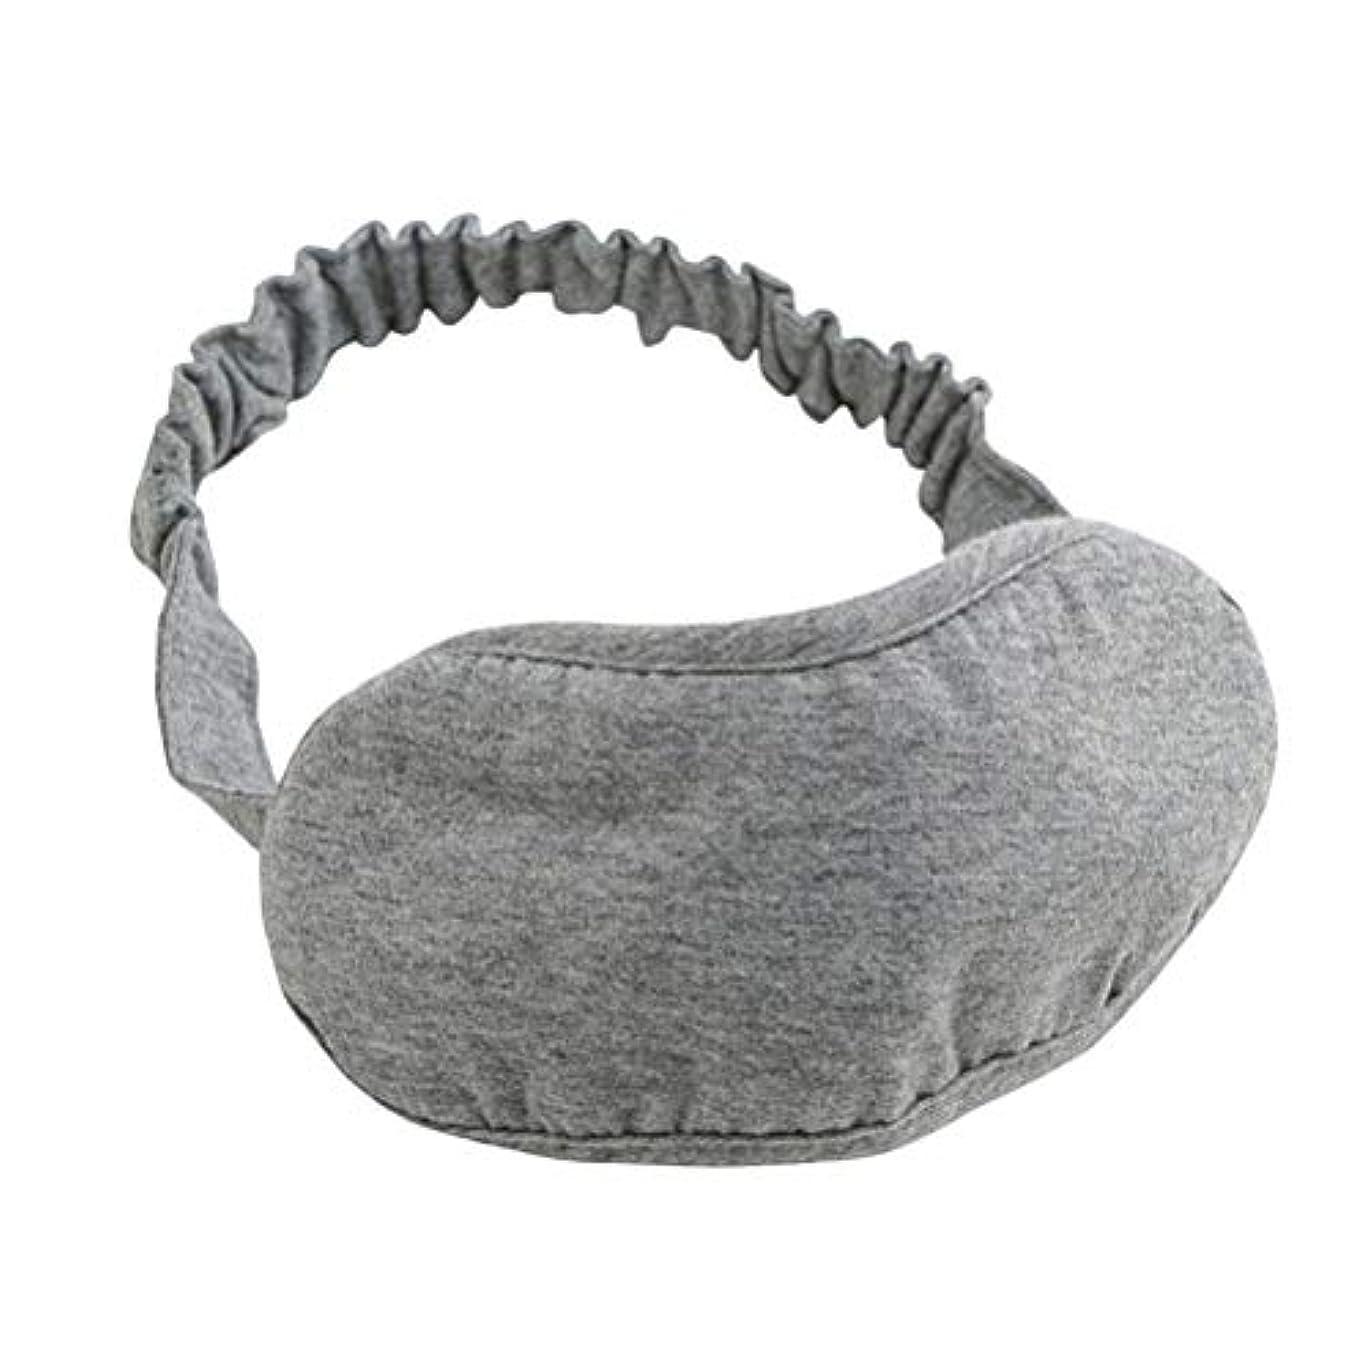 比較固有の束SUPVOX 睡眠マスクコットンアイマスク厚手の目隠しアイカバー女性のための子供たちの子供ホームベッド旅行のフライトカーキャンプオフィス使用(グレー)